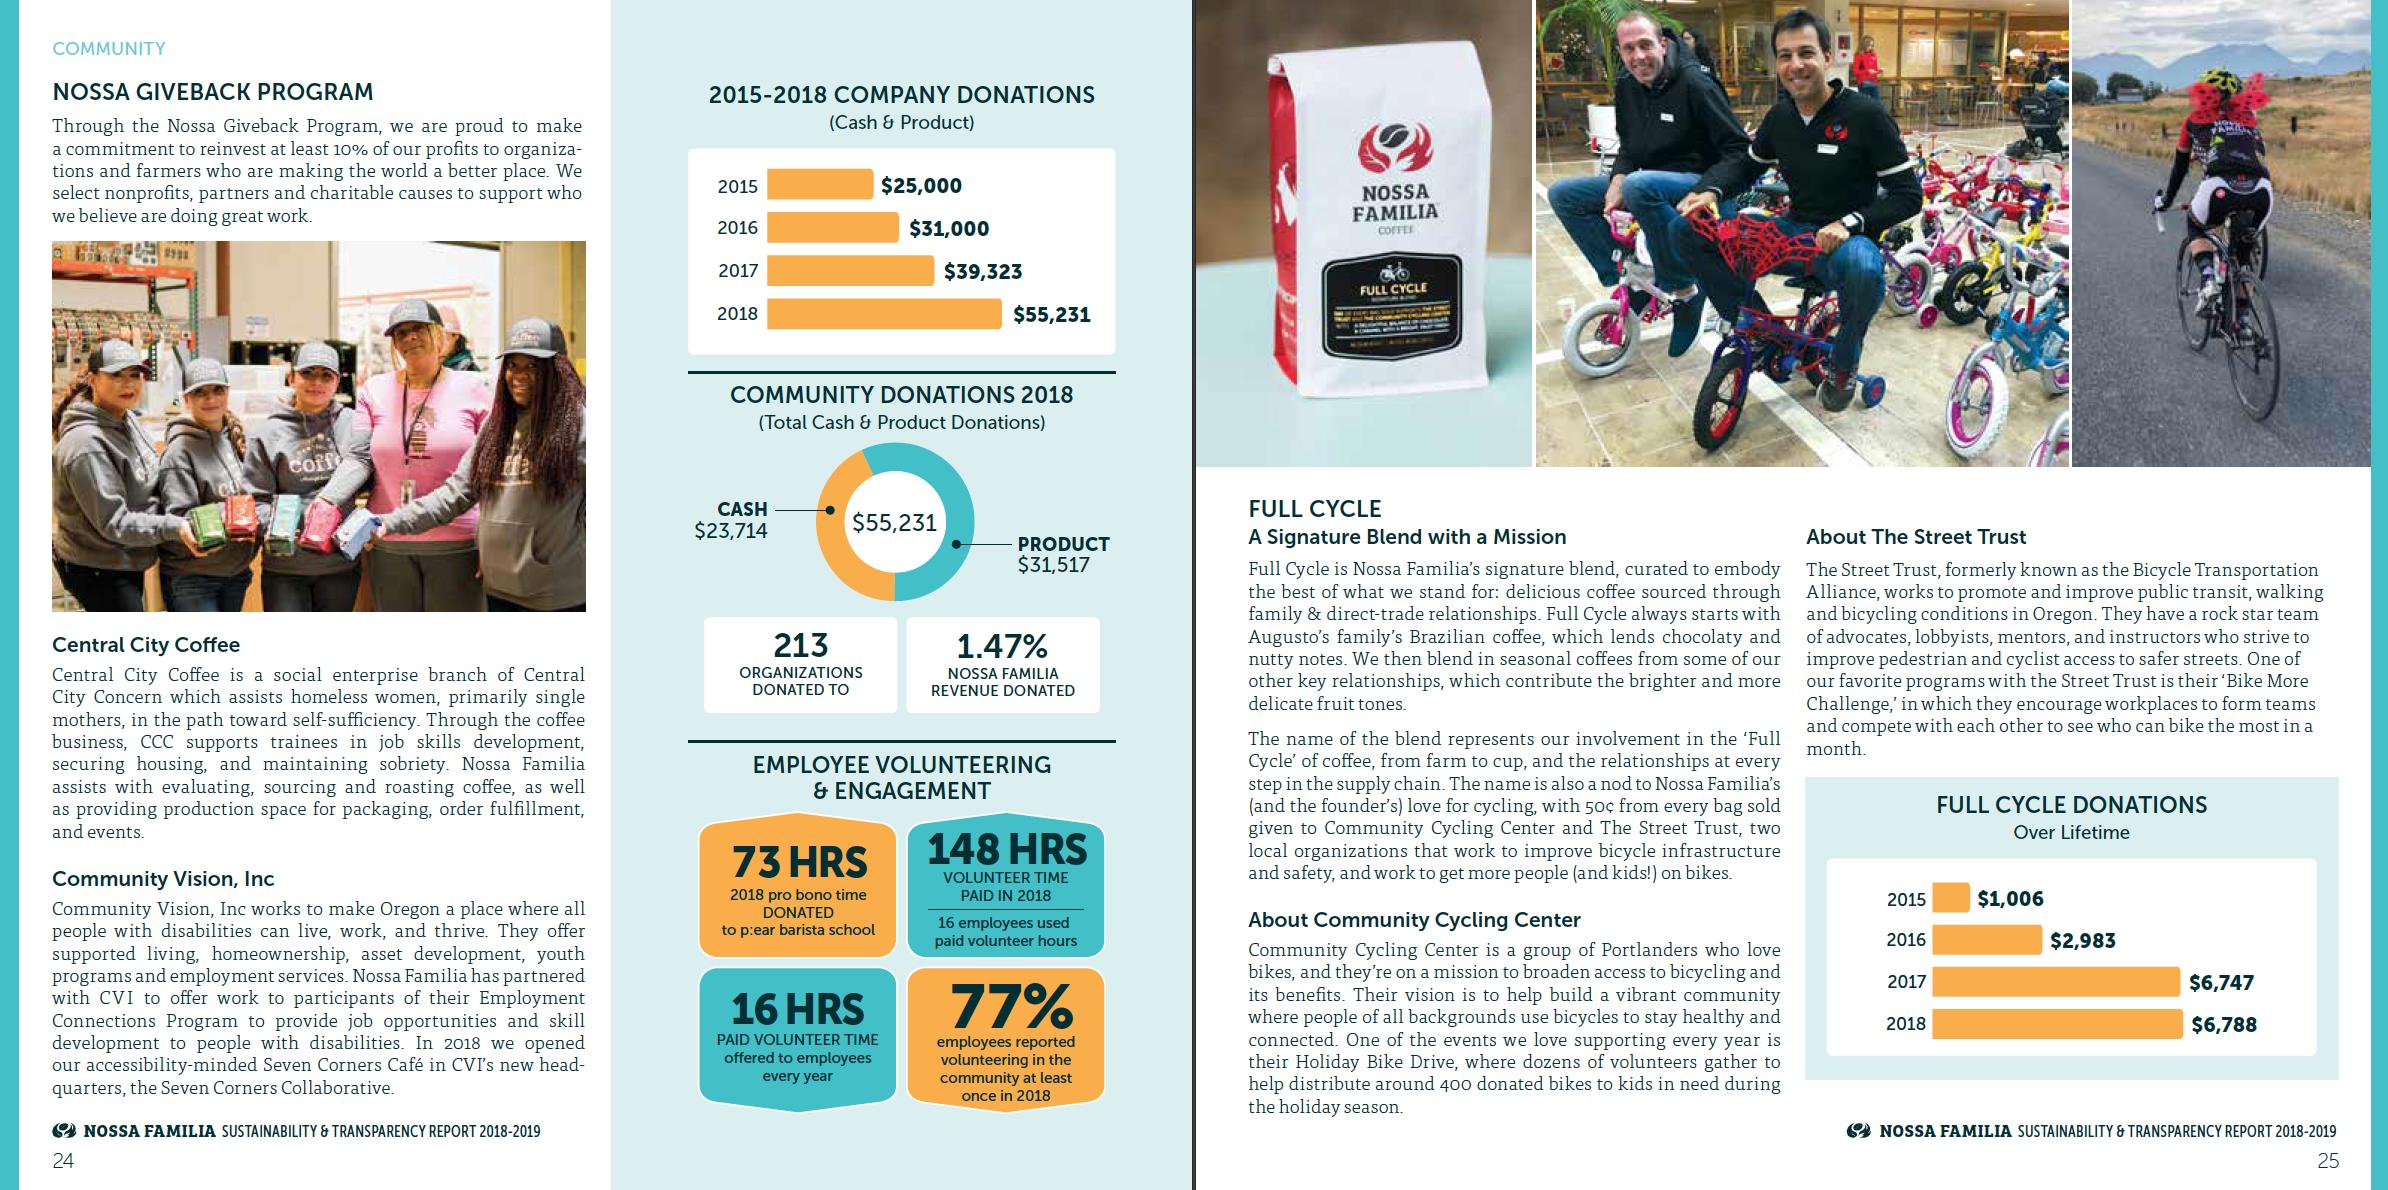 nossa-familia-sustainability-report-p13.png